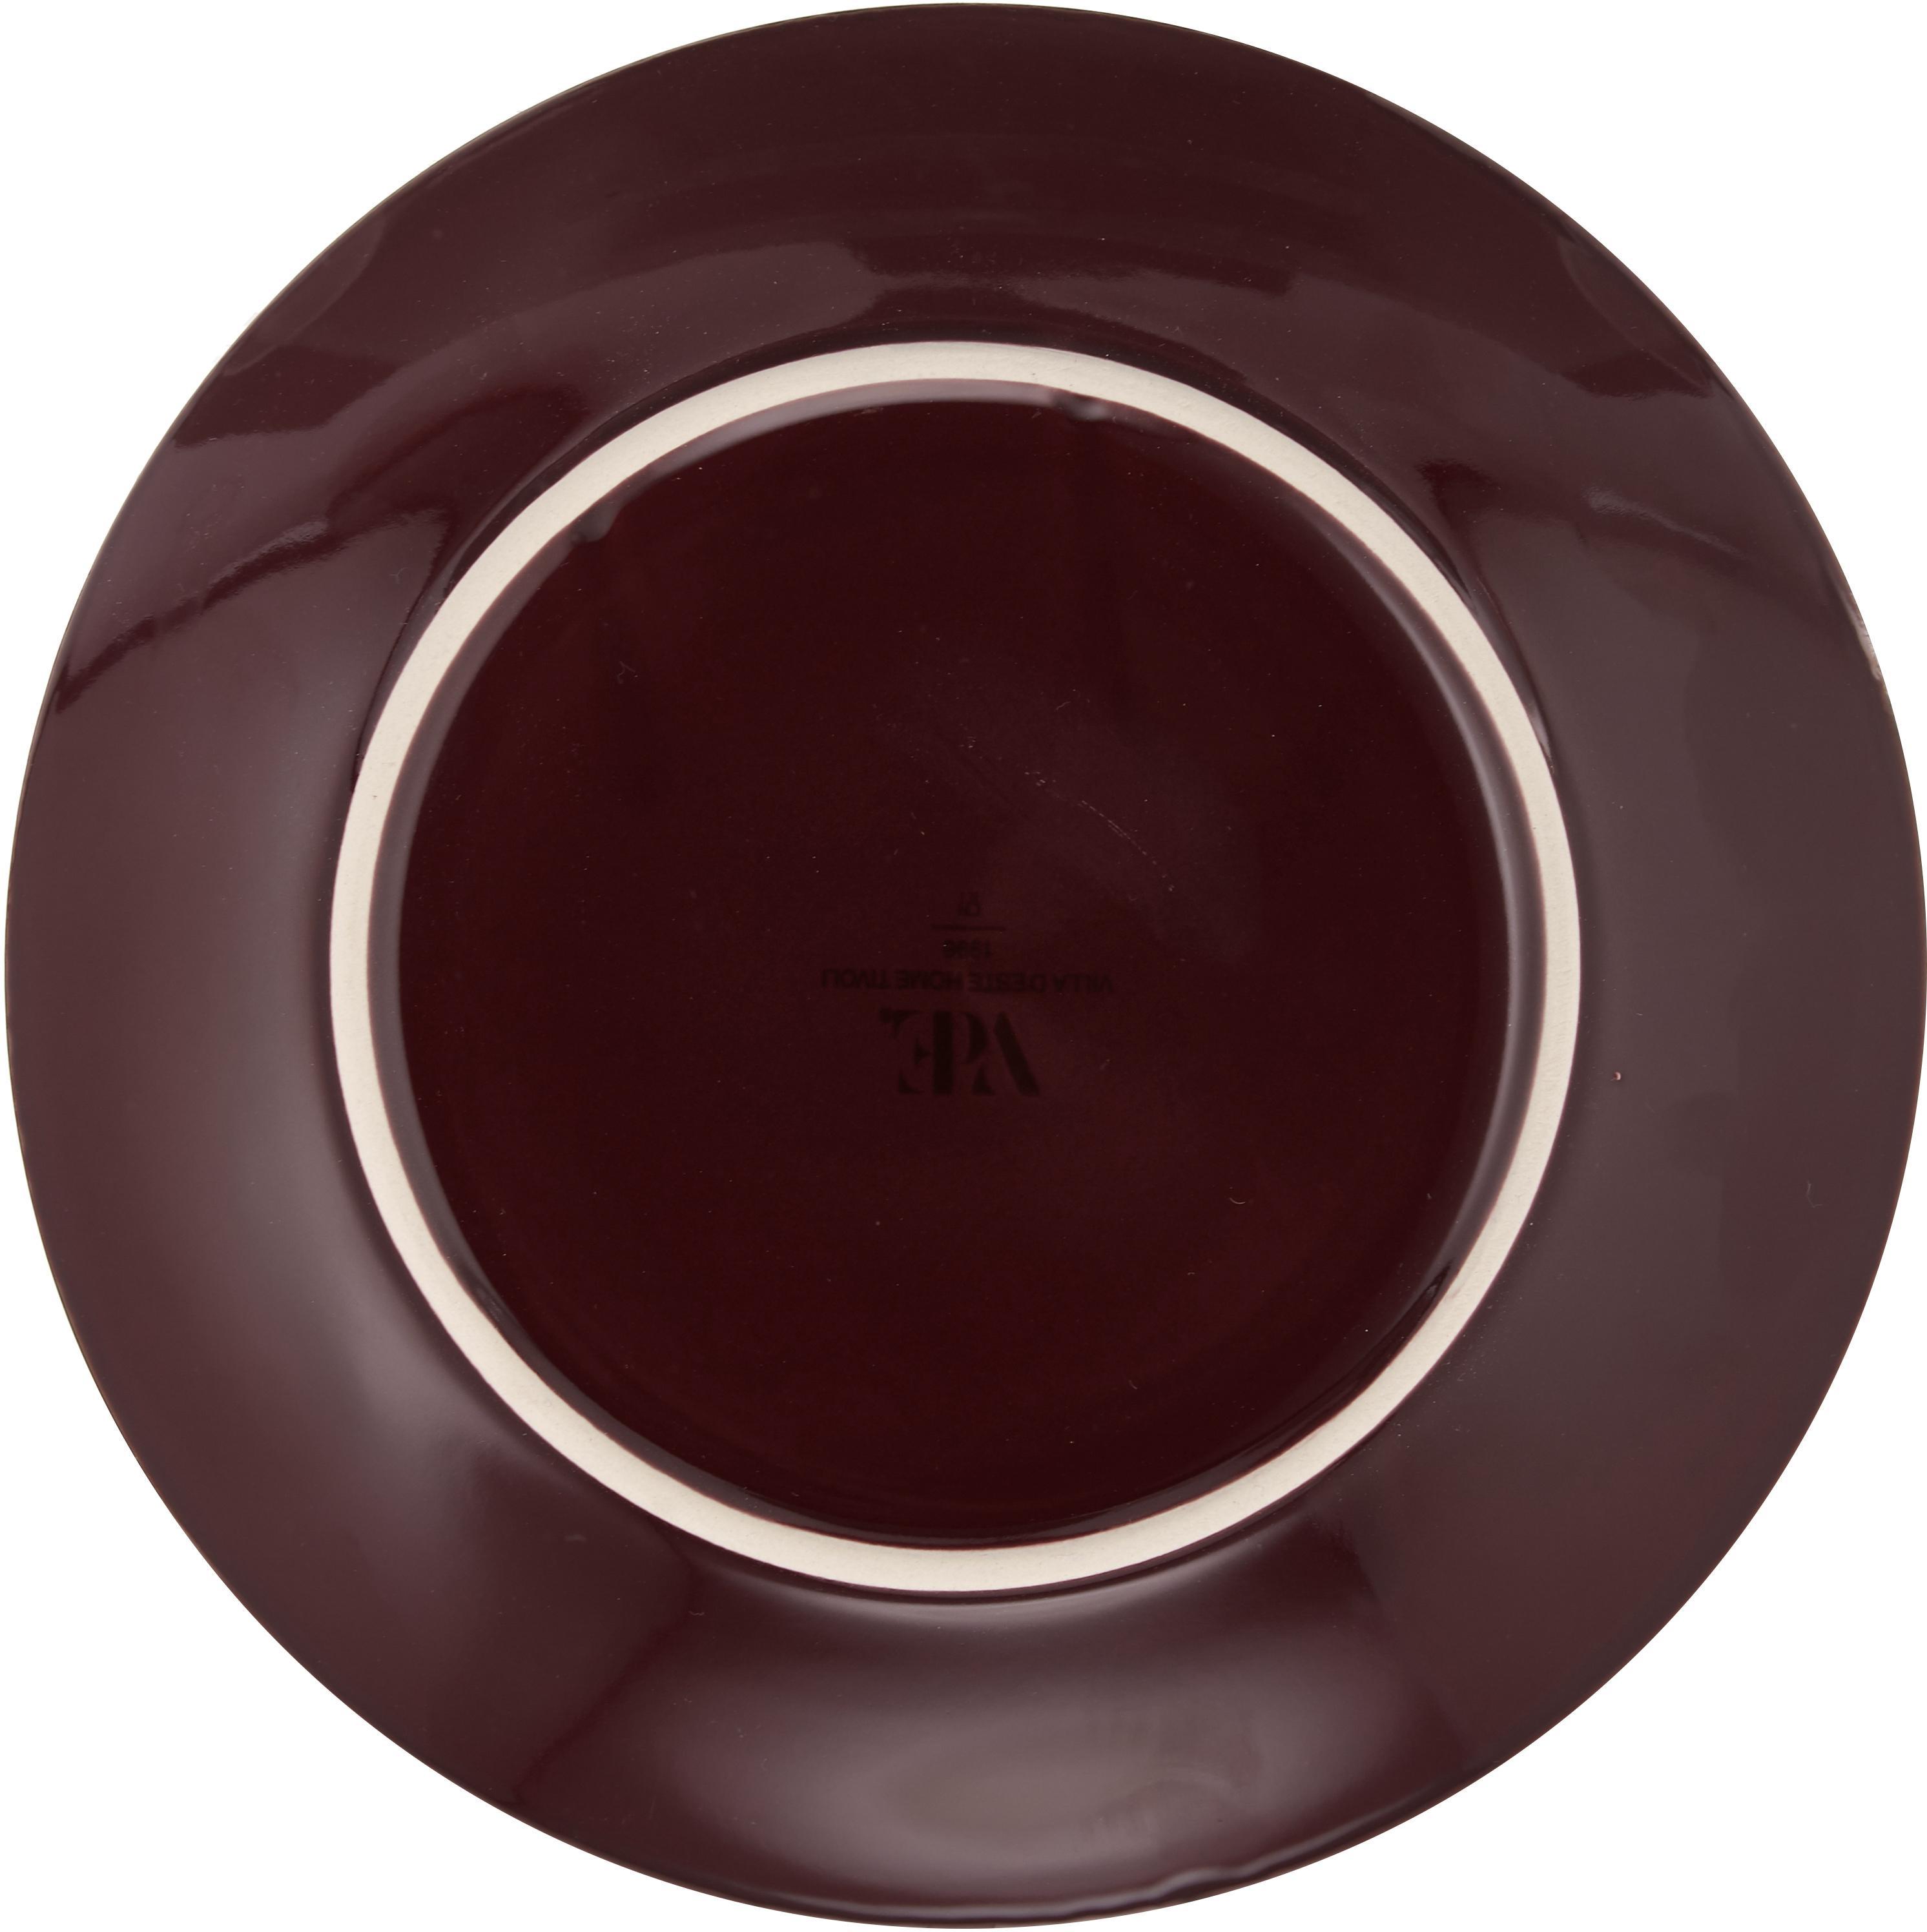 Komplet naczyń Royal Passion, 18elem., Kamionka, Bordowy, ciemny czerwony, szaroniebieski, blady różowy, jasny szary, ciemny szar, Komplet z różnymi rozmiarami